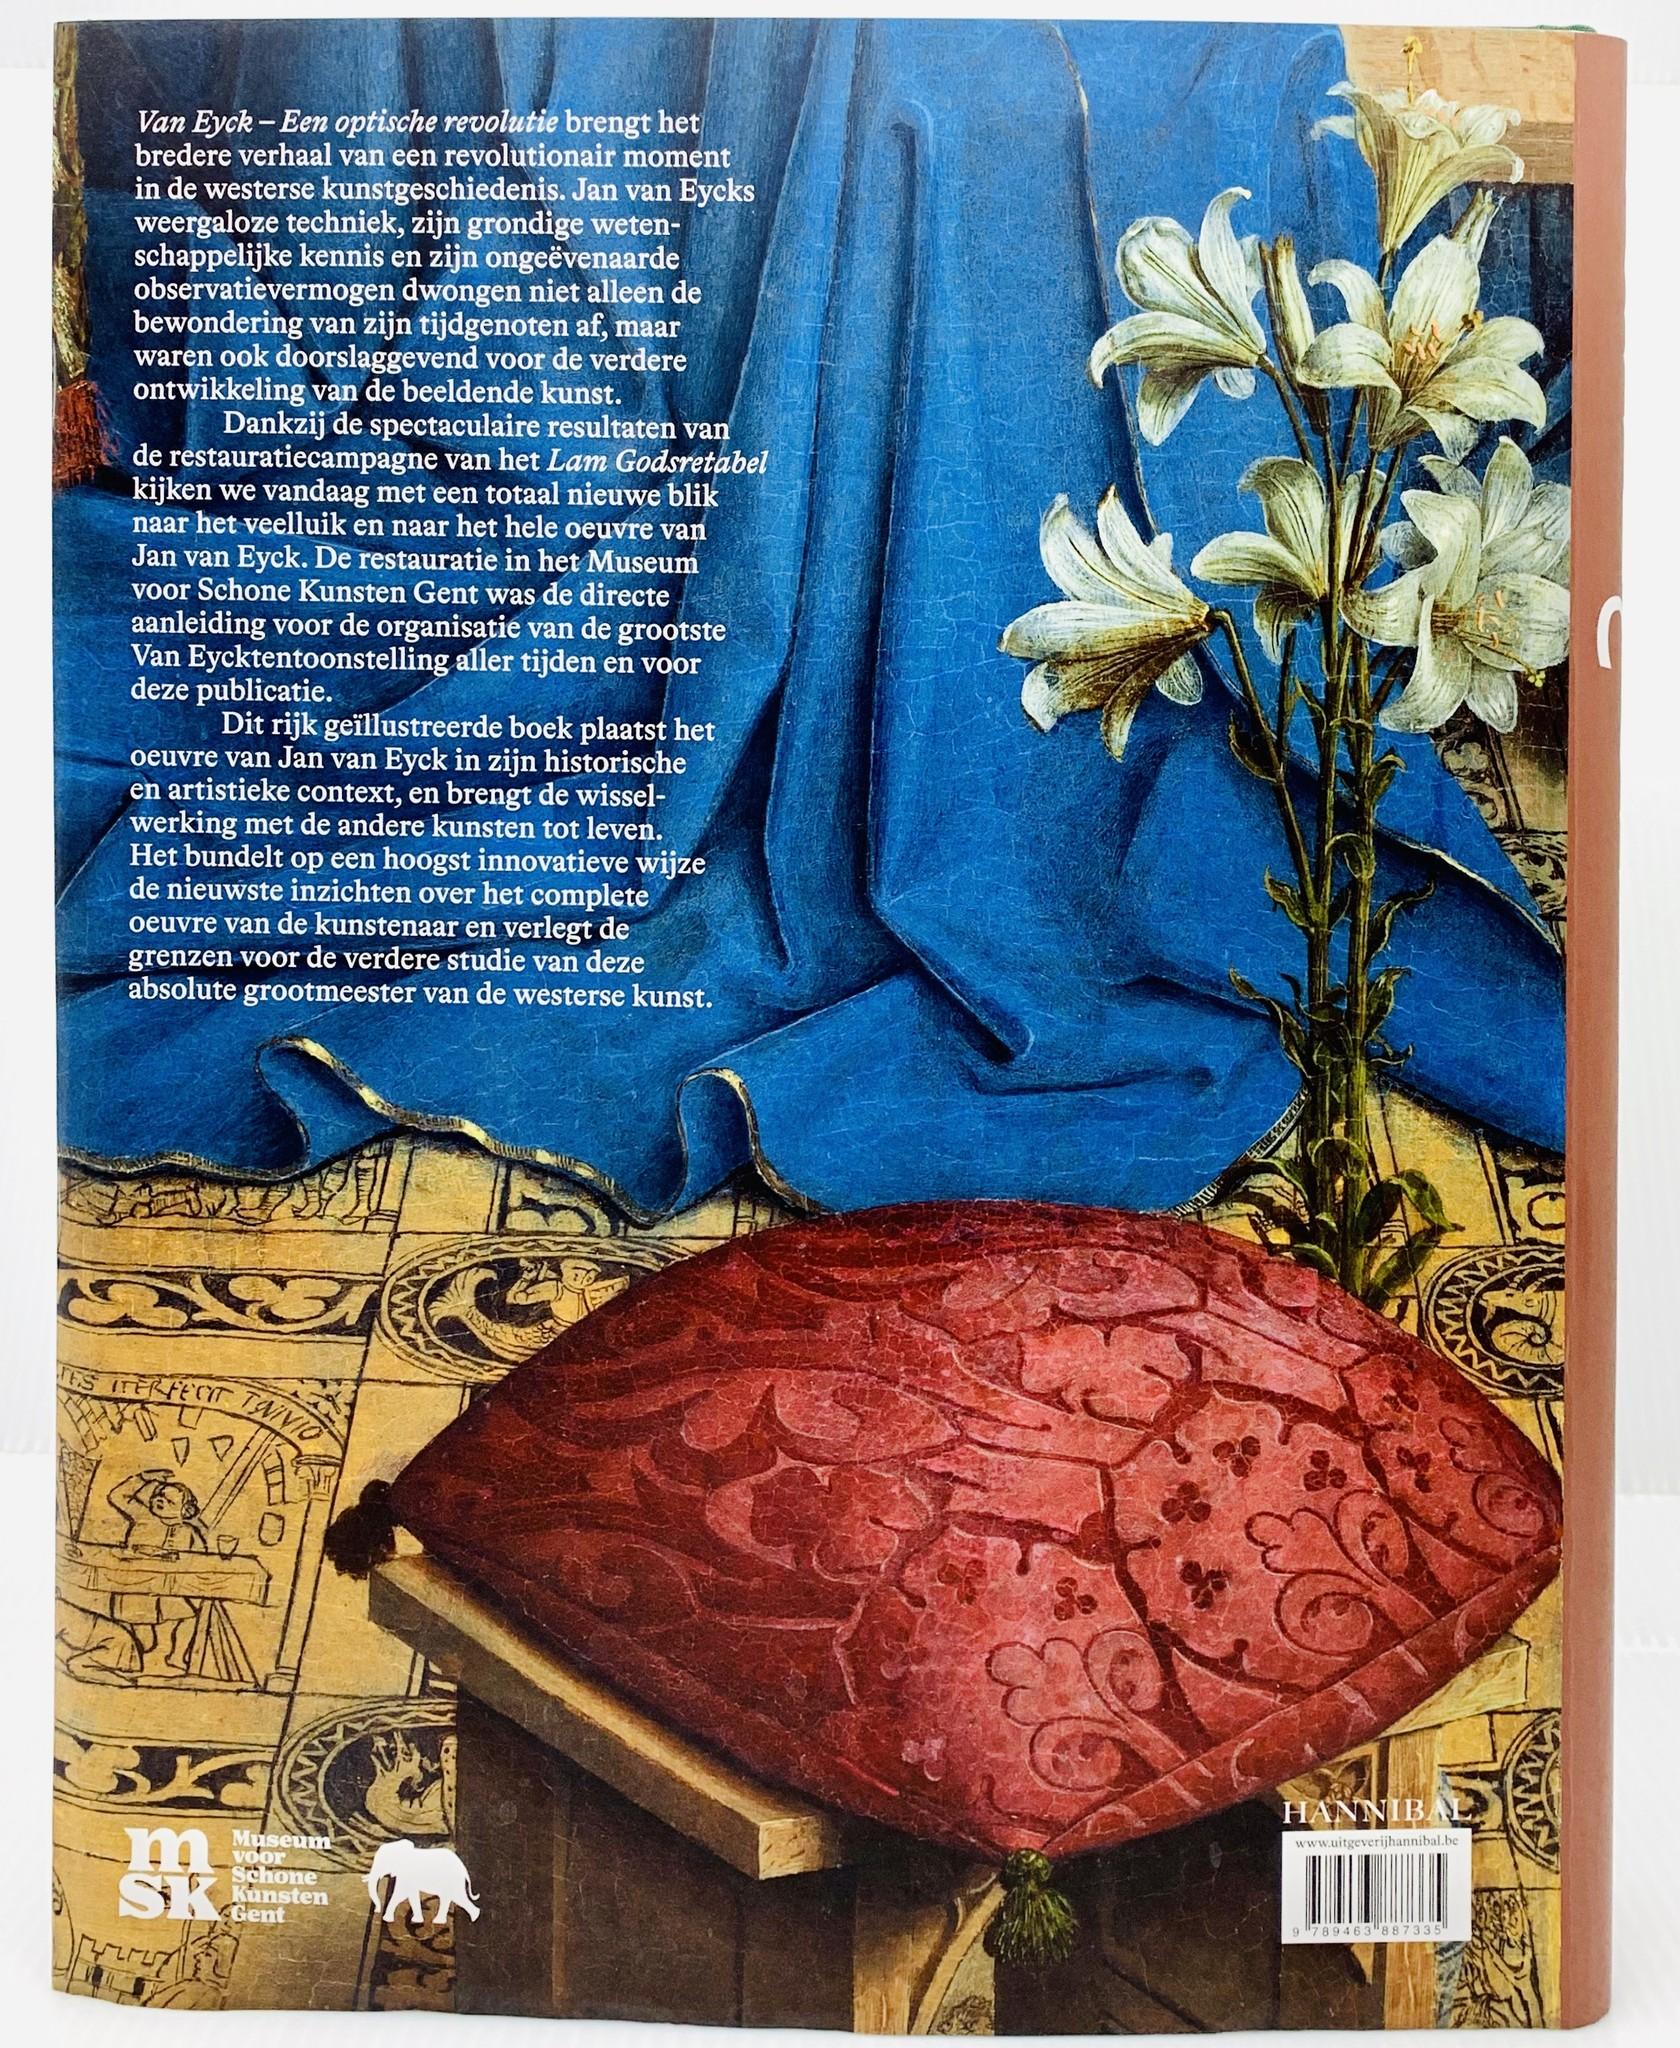 MSK Catalogue 'Van Eyck - Een optische revolutie' Dutch